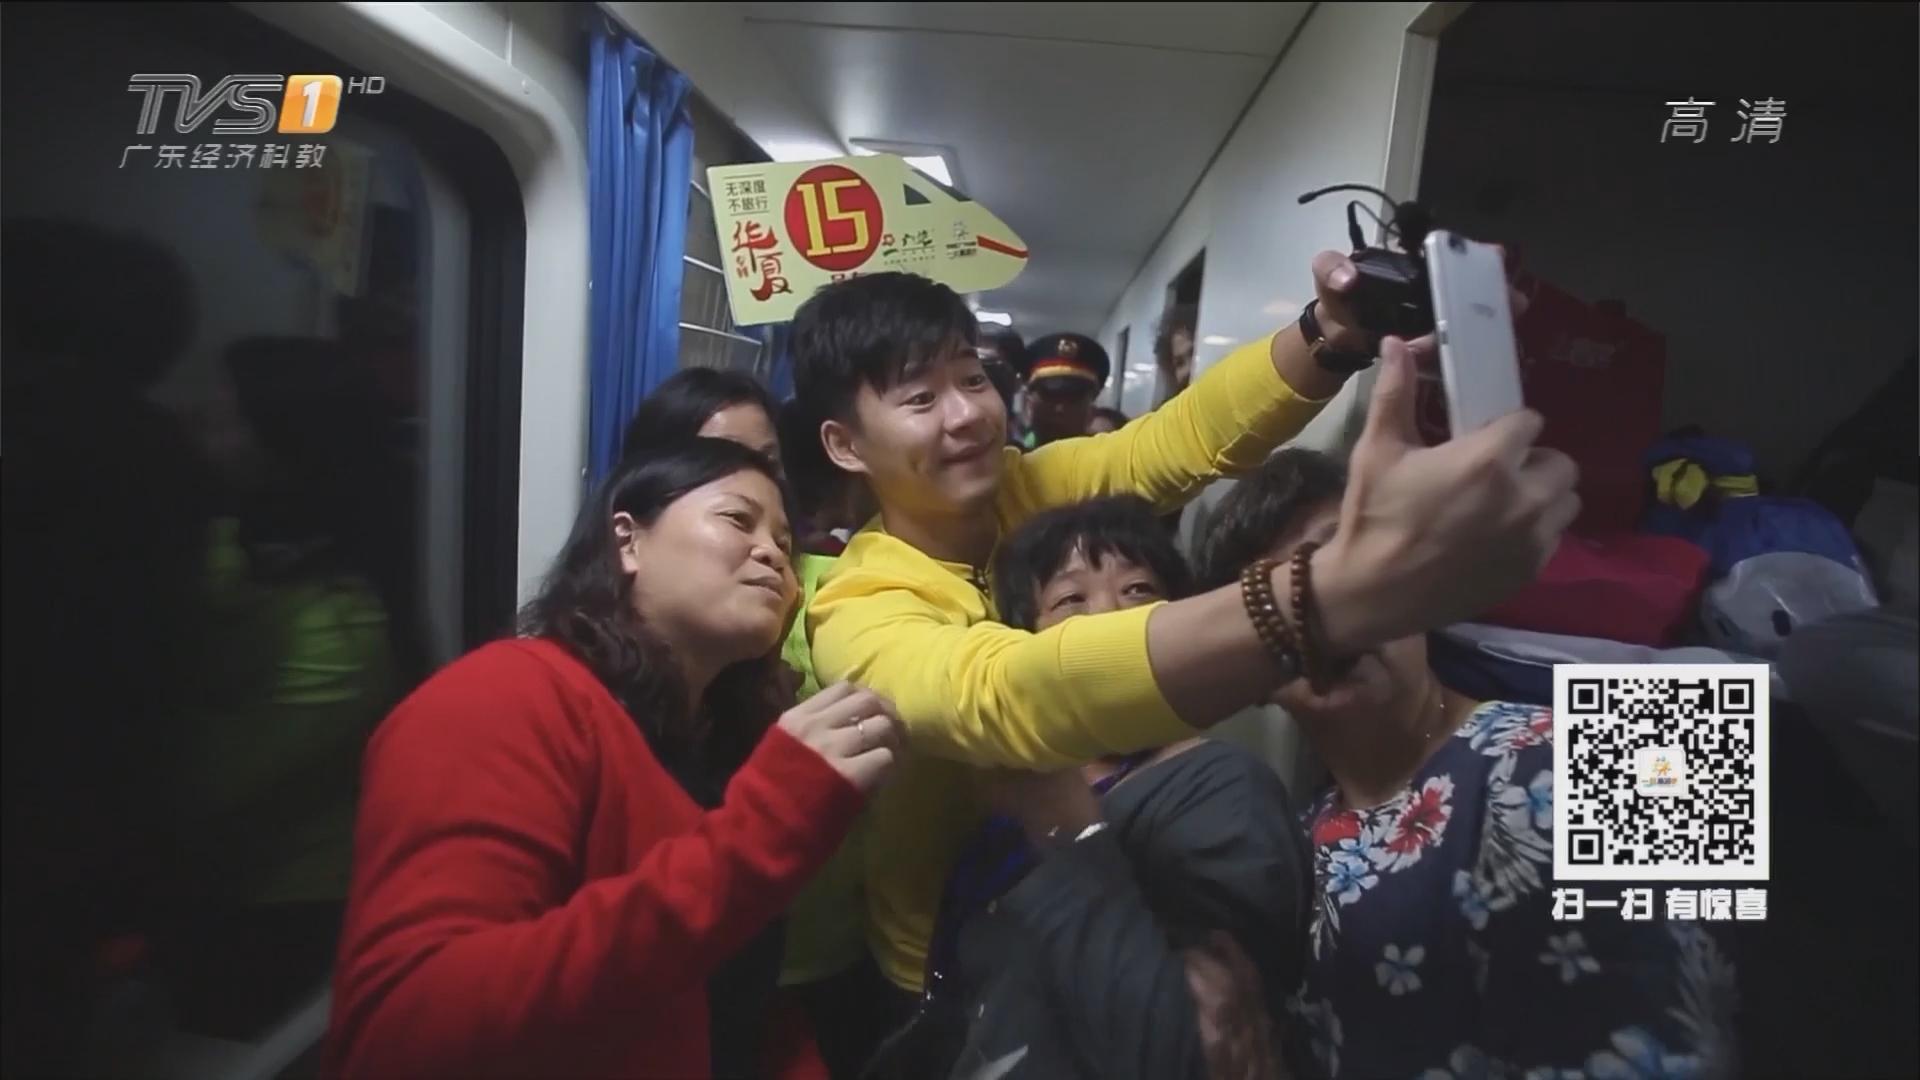 洛阳——多彩华夏旅游专列